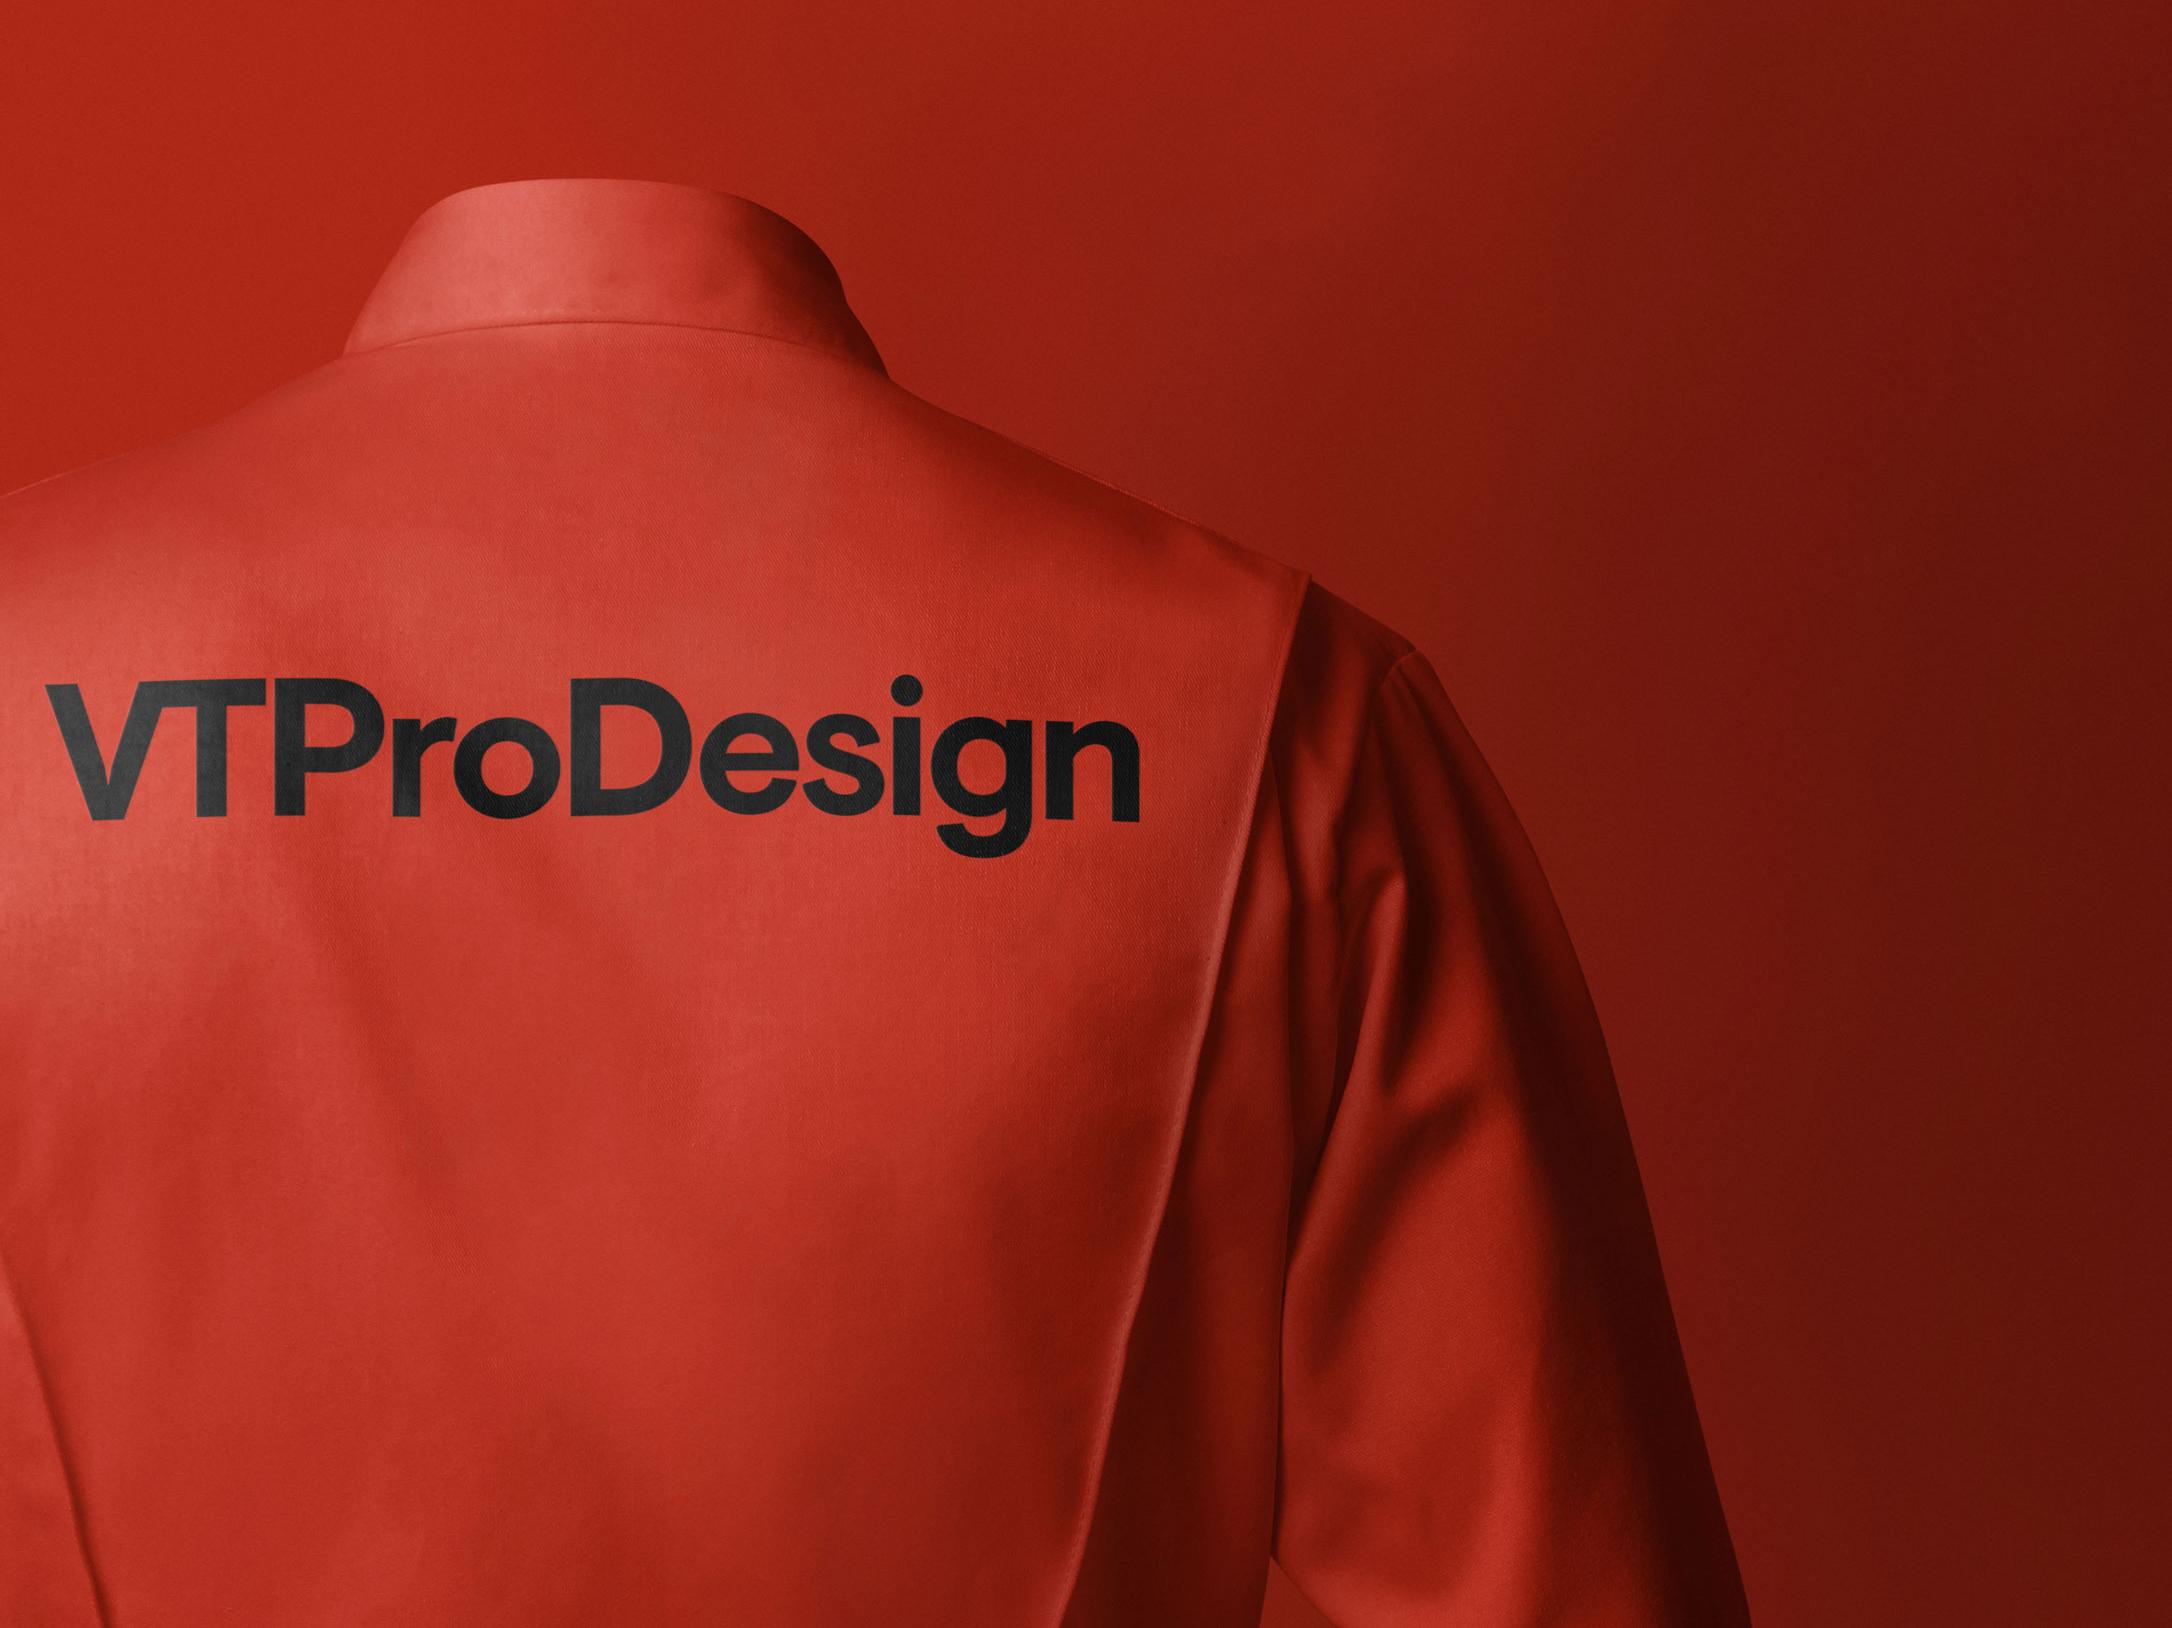 Forthandbackstudio vtprodesign 010